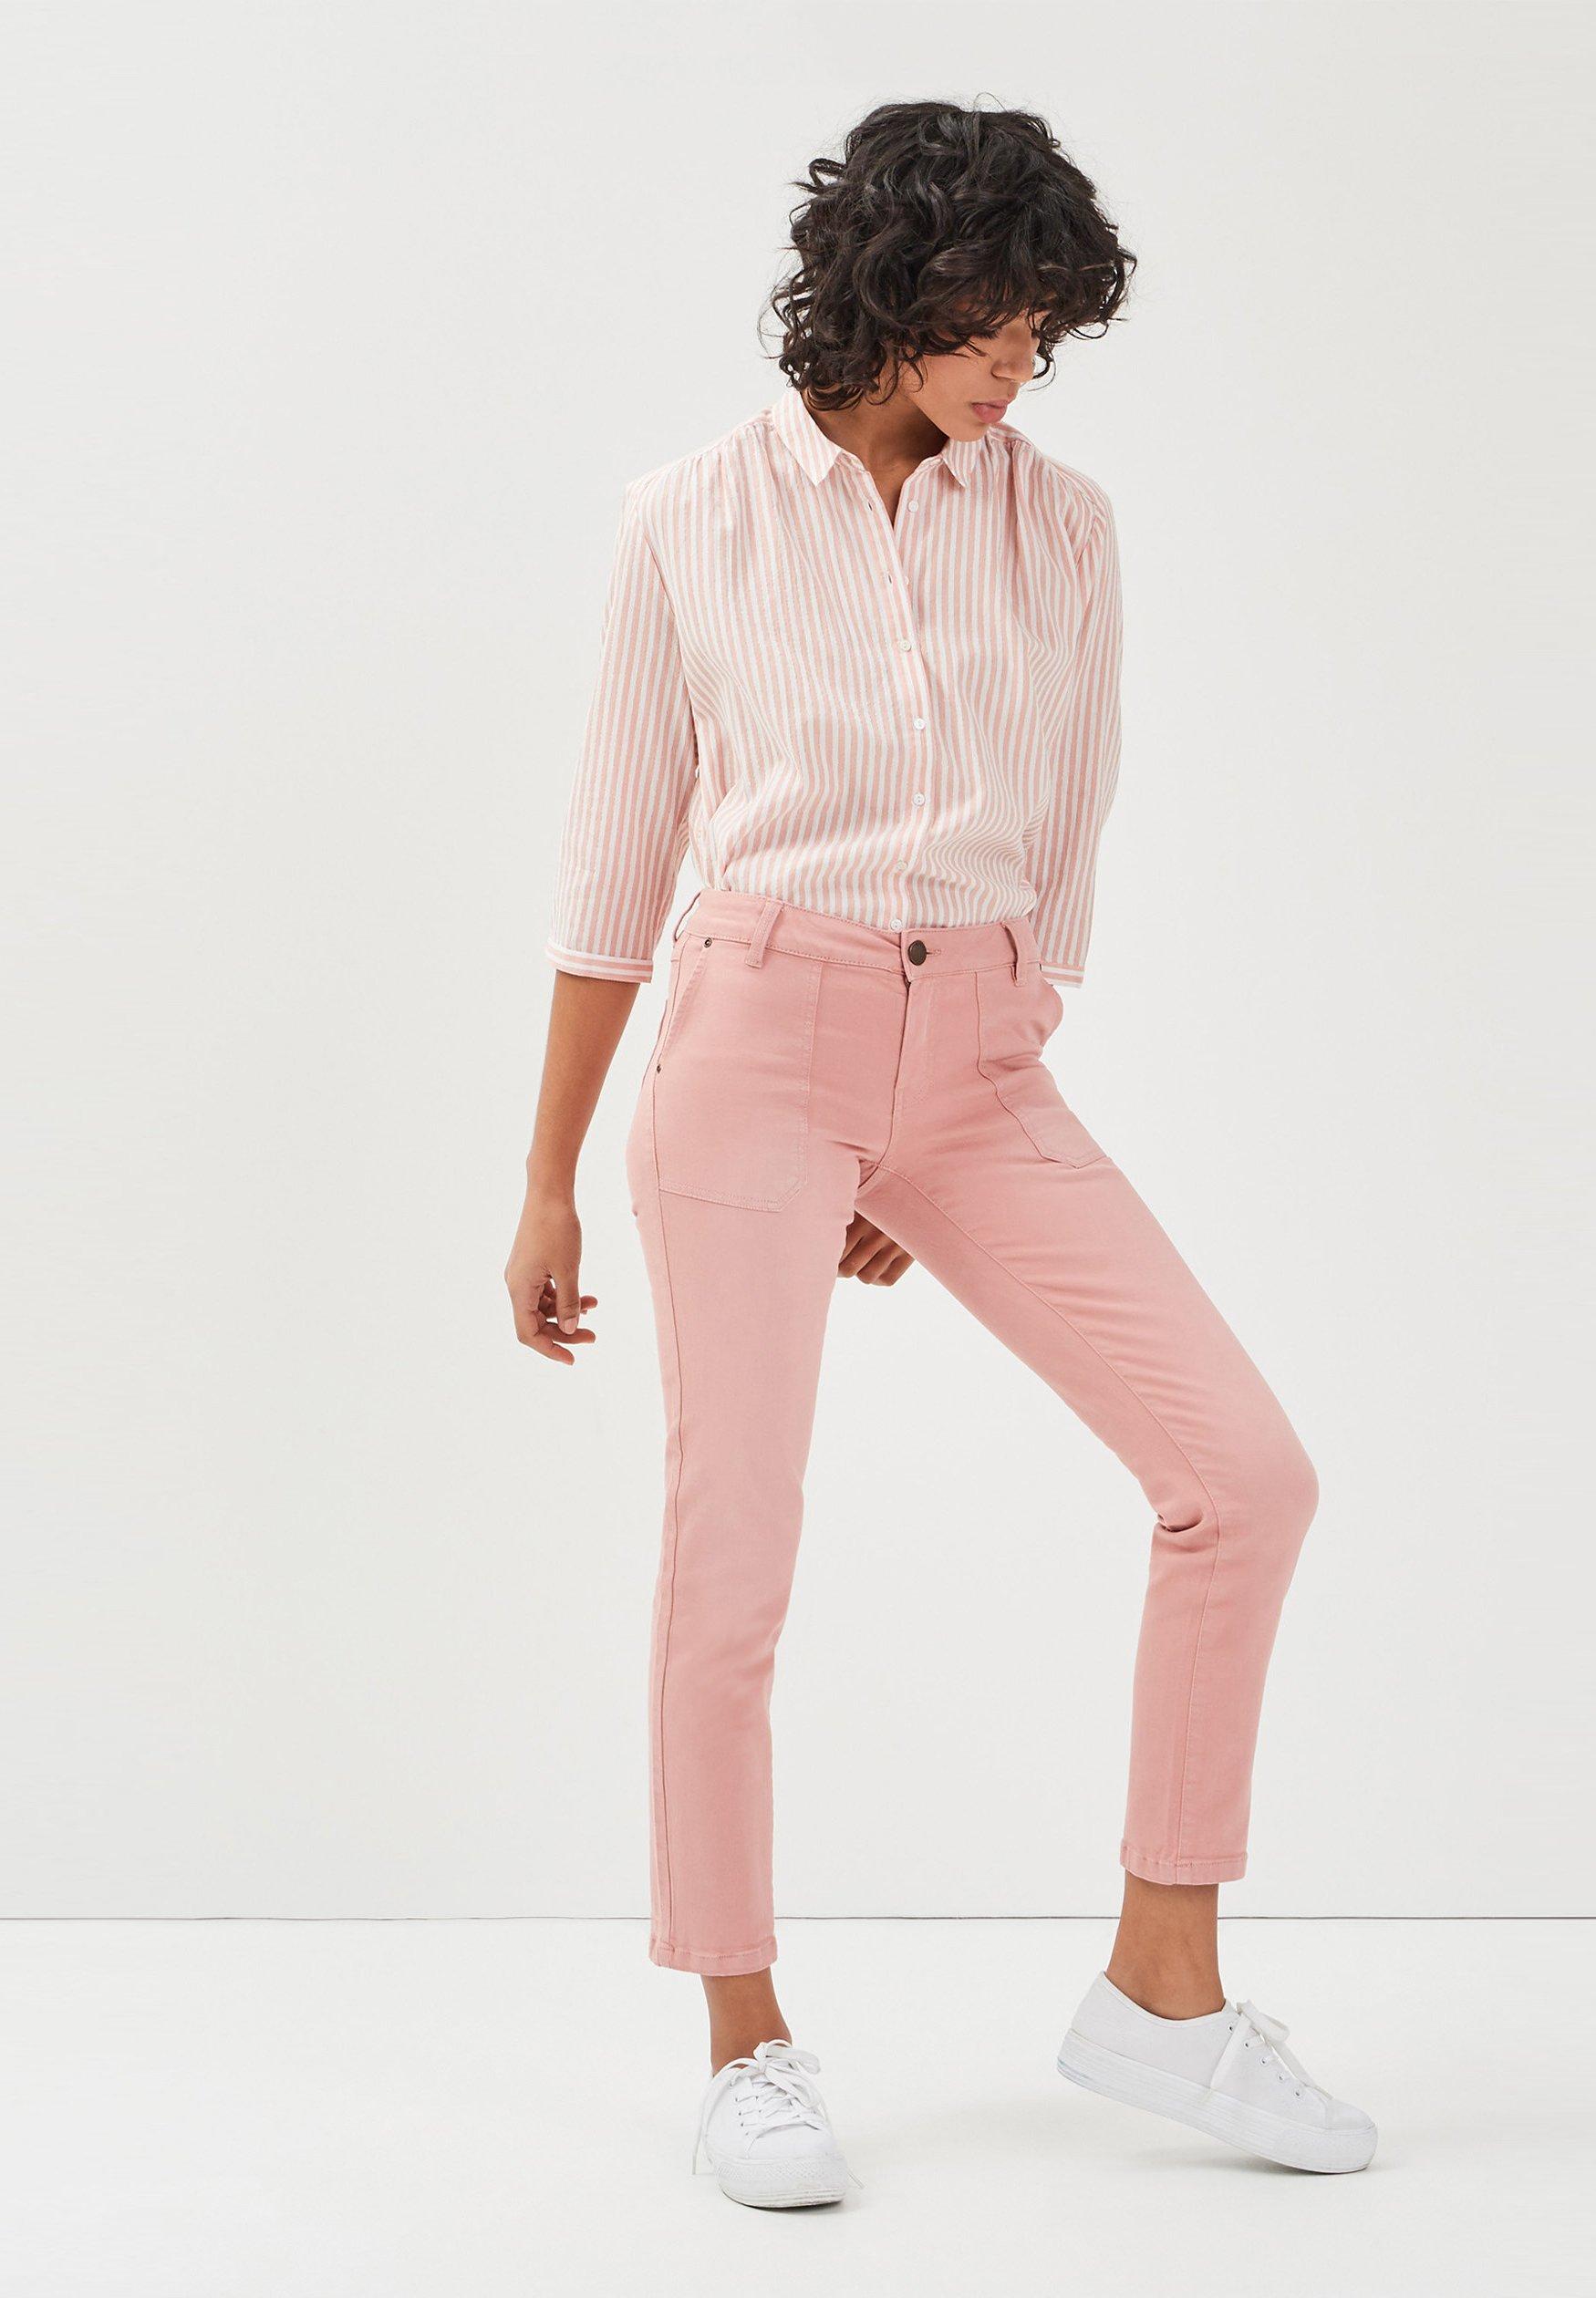 BONOBO Jeans Chemisier rose pastel ZALANDO.FR